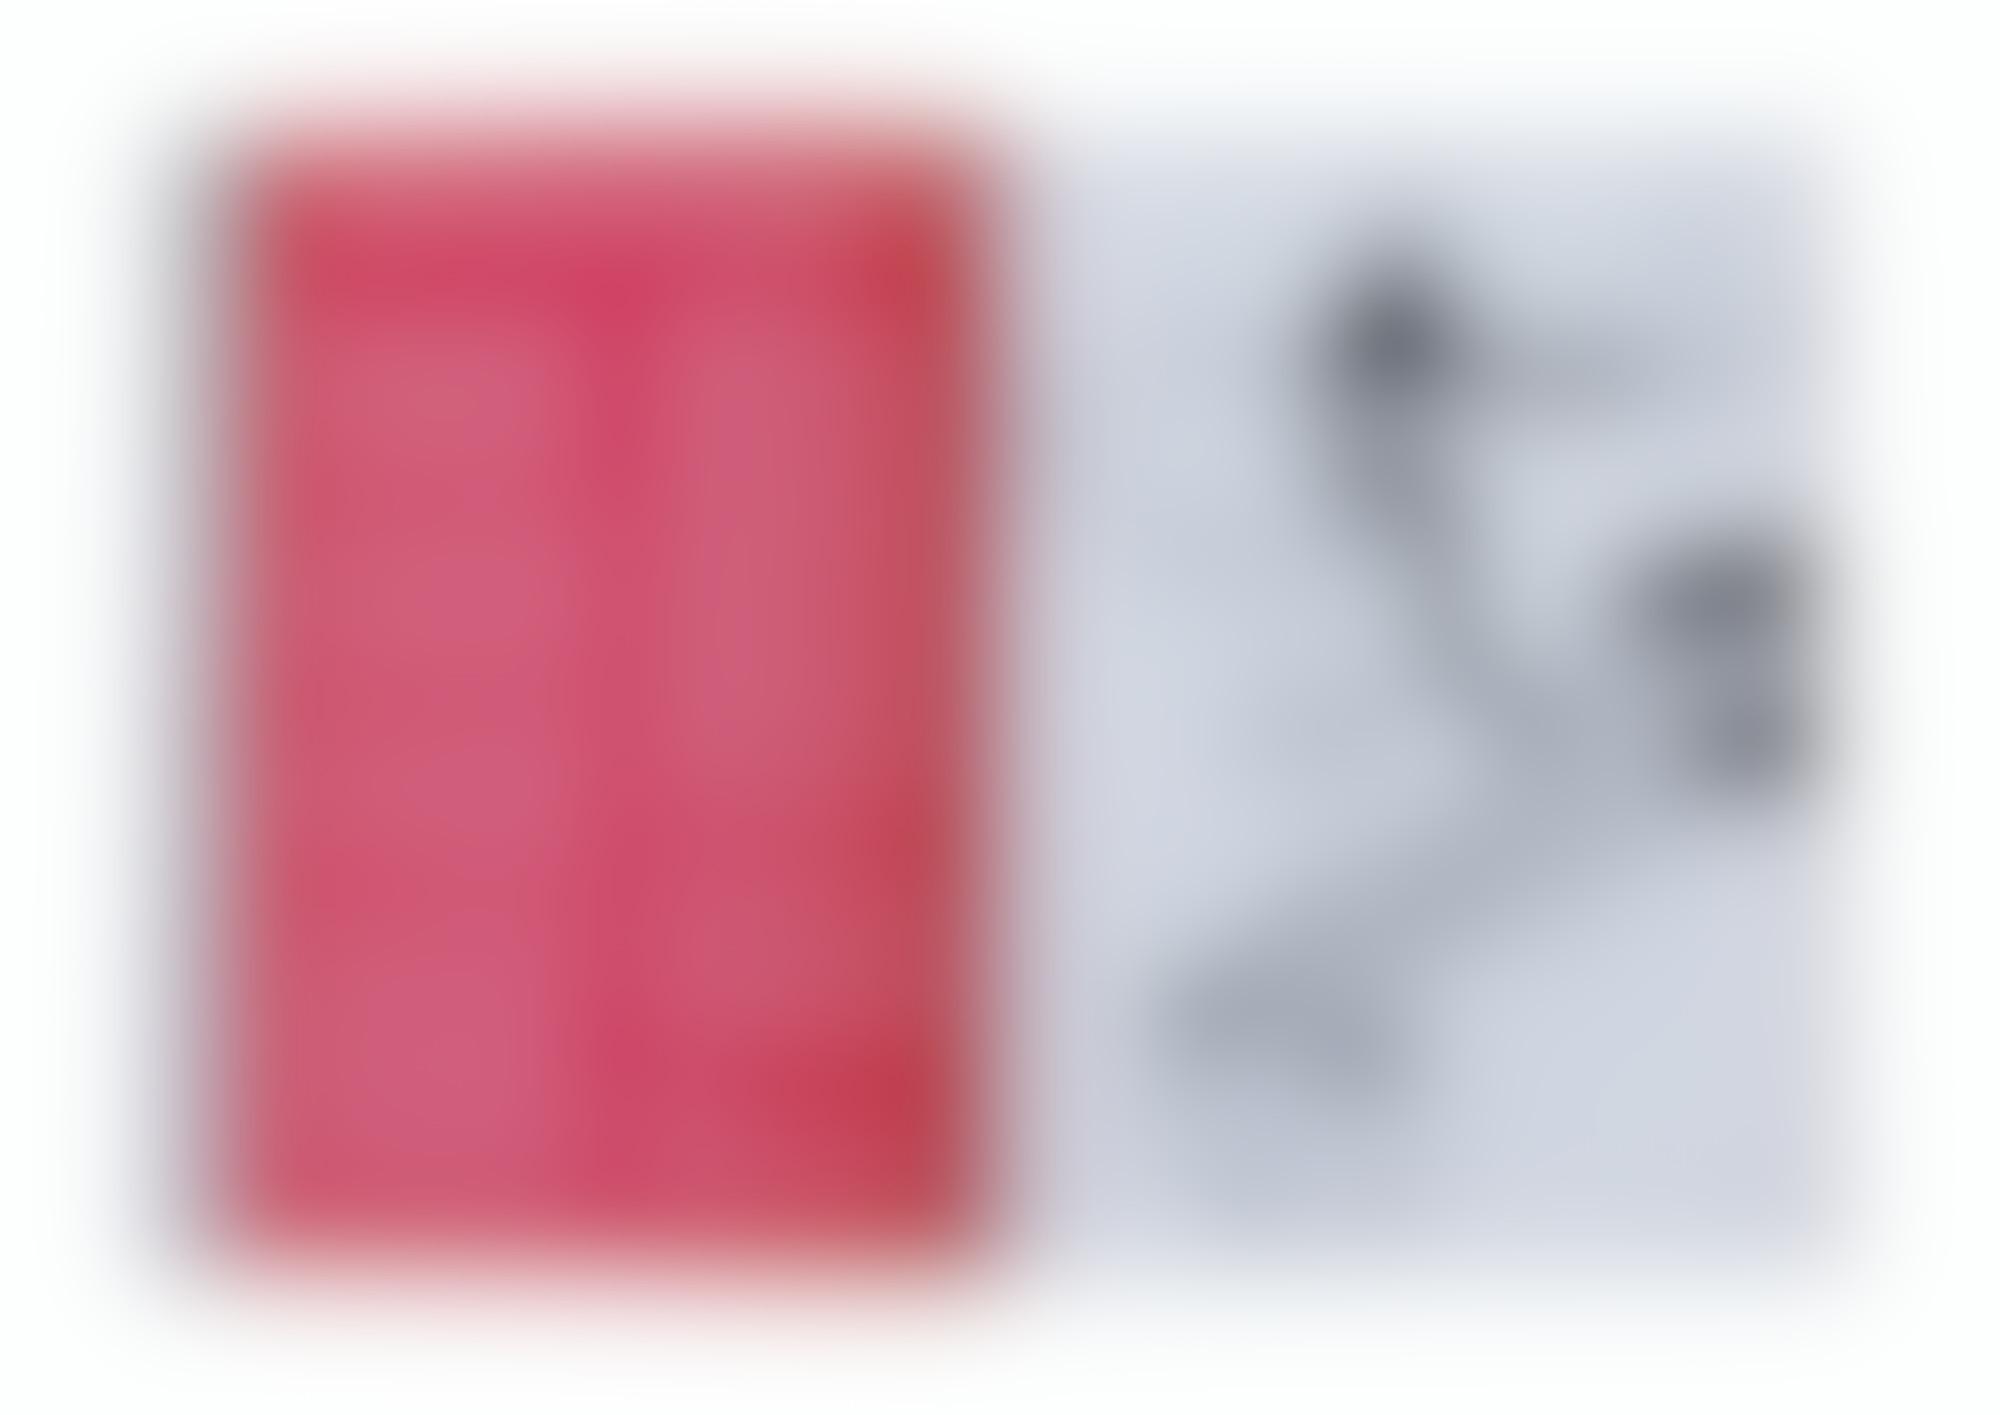 Fab 4 autocompressfitresizeixlibphp 1 1 0max h2000max w3 D2000q80s08696613eb72b0028ac188dc569726ee